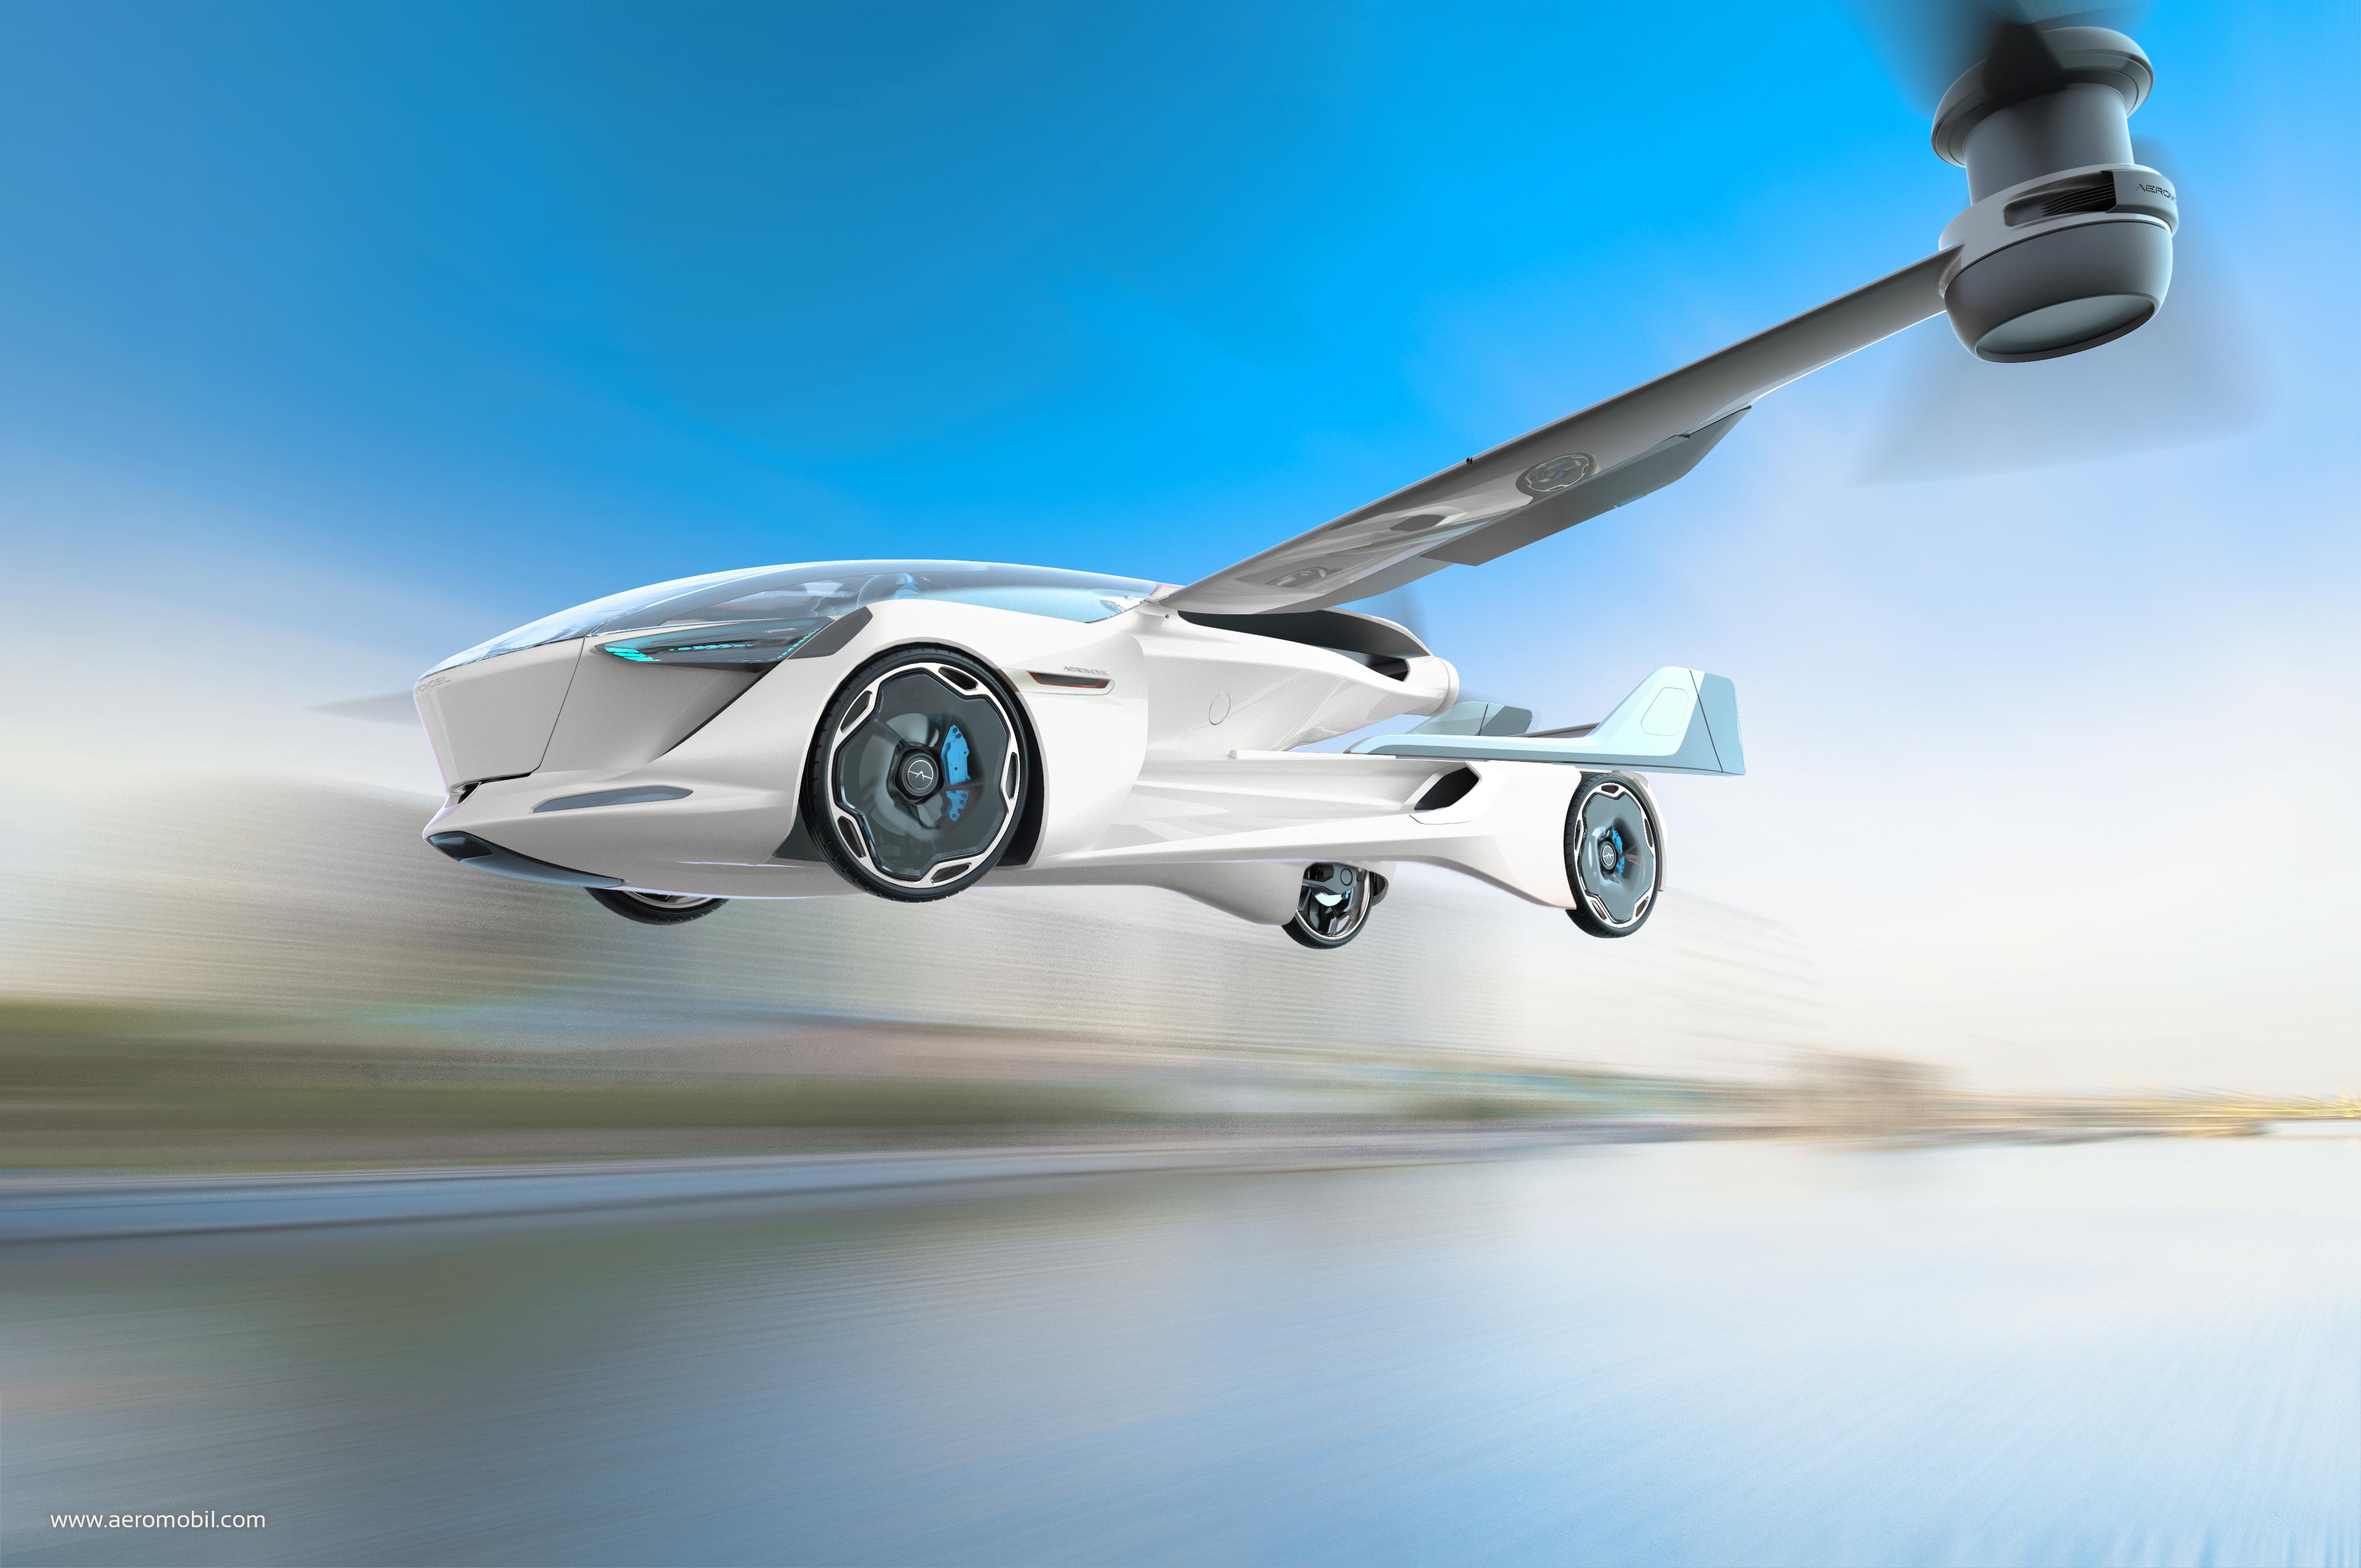 AeroMobil 5.0 VTOL s vertikálnym vzletom a pristávaním